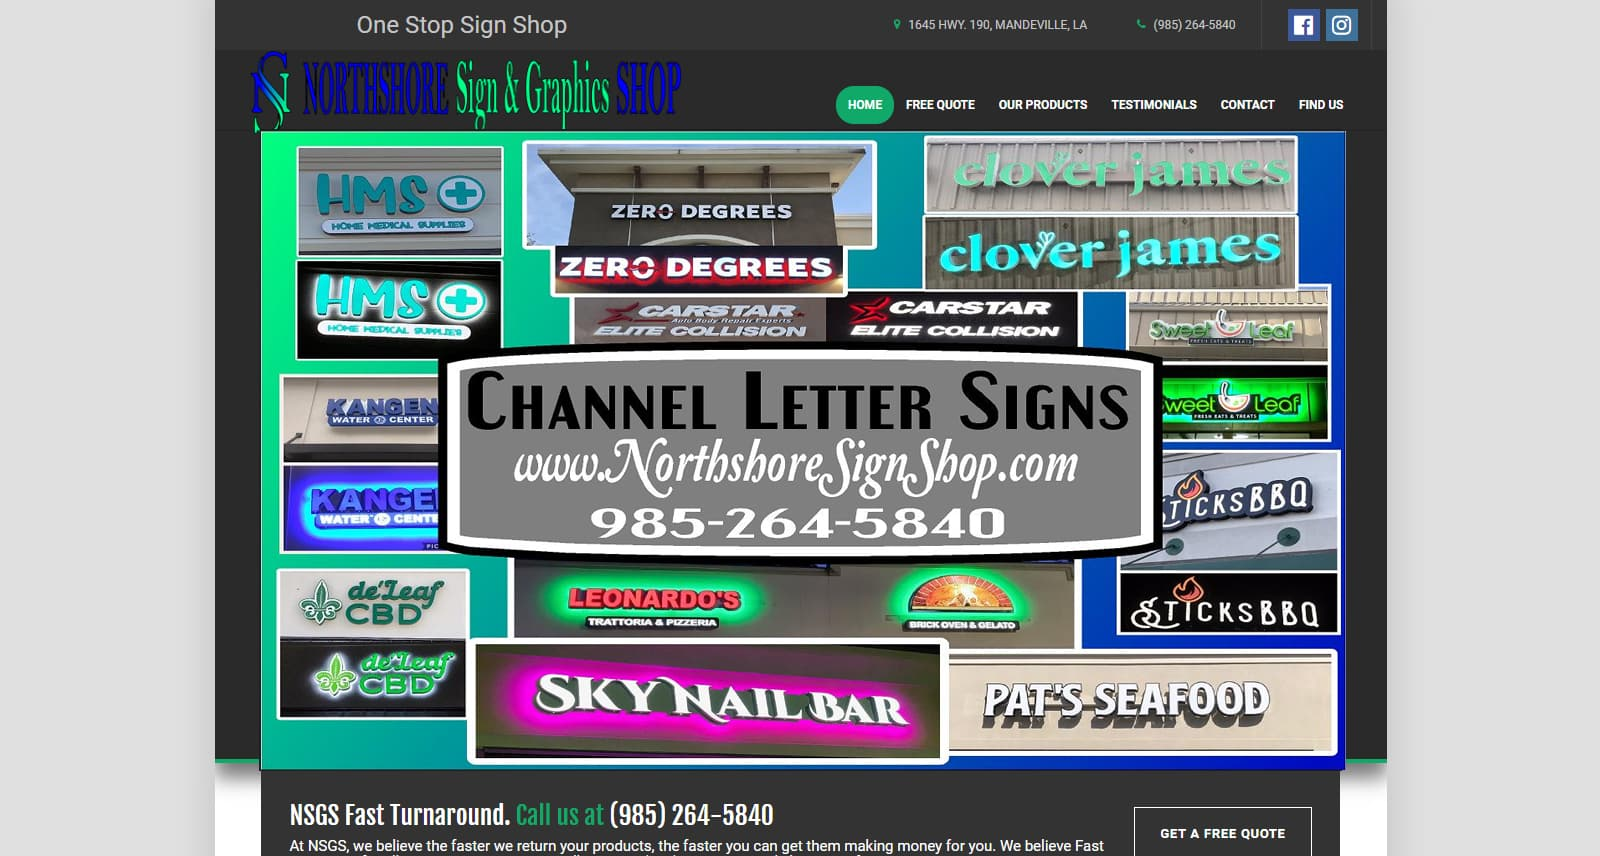 Northshore Sign Shop Website Before